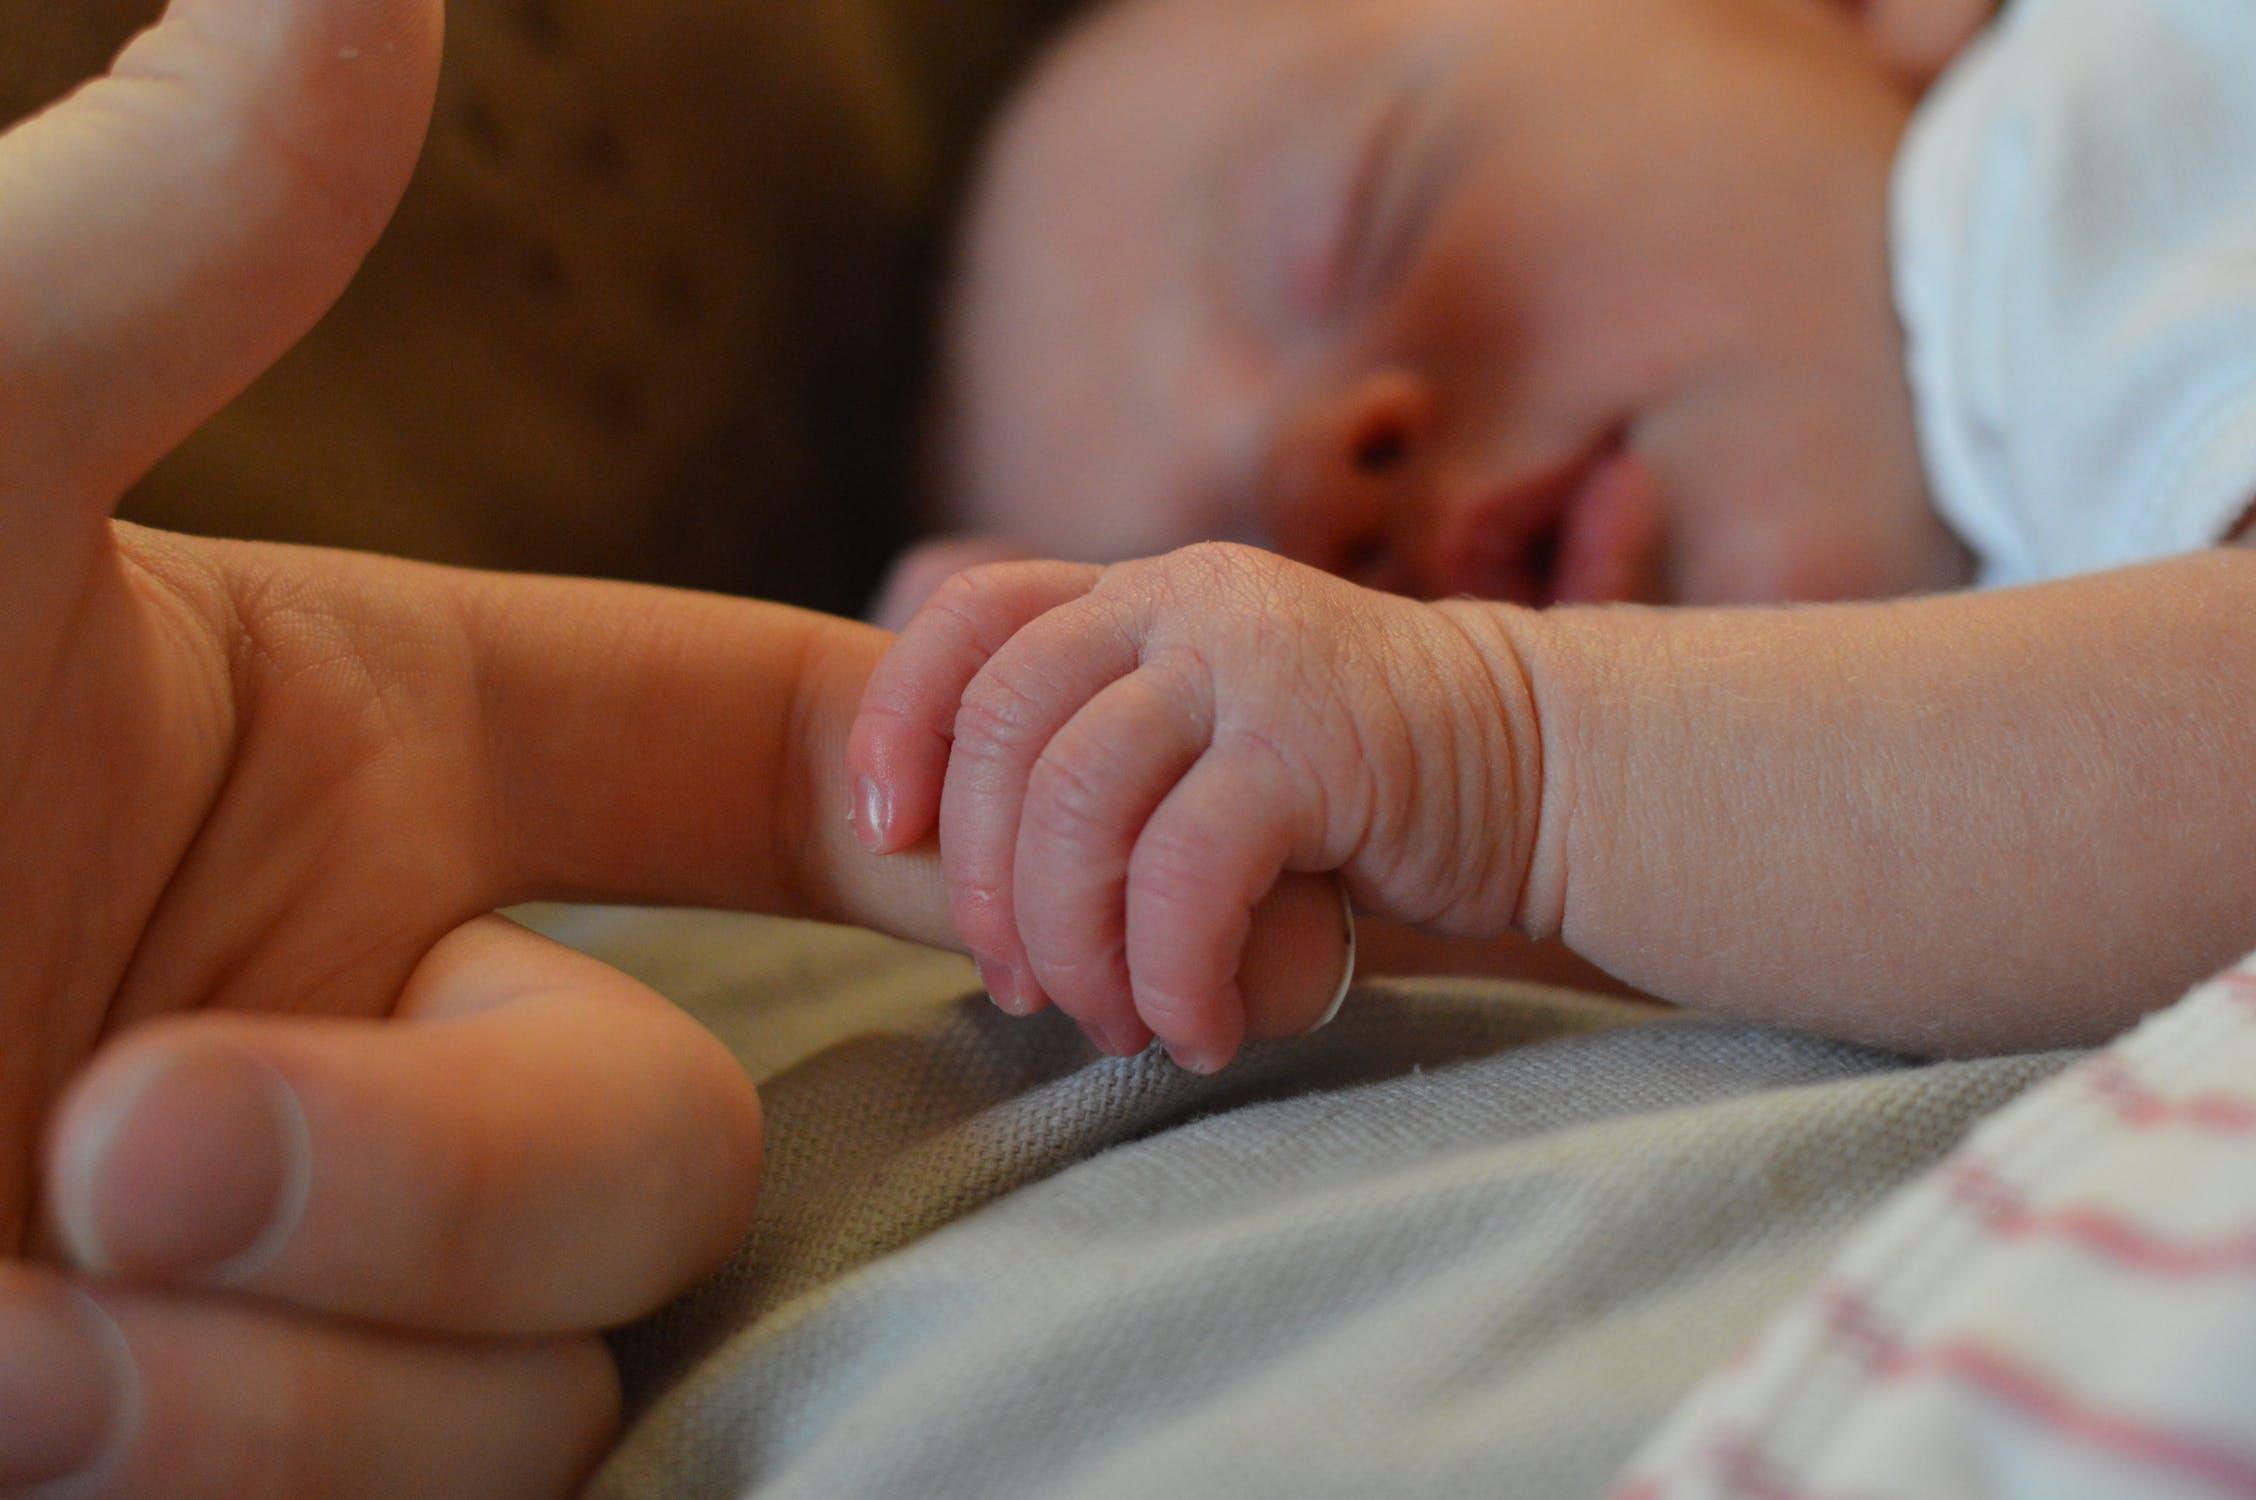 Gorączka u niemowląt – czy potrzebna jest interwencja lekarza?